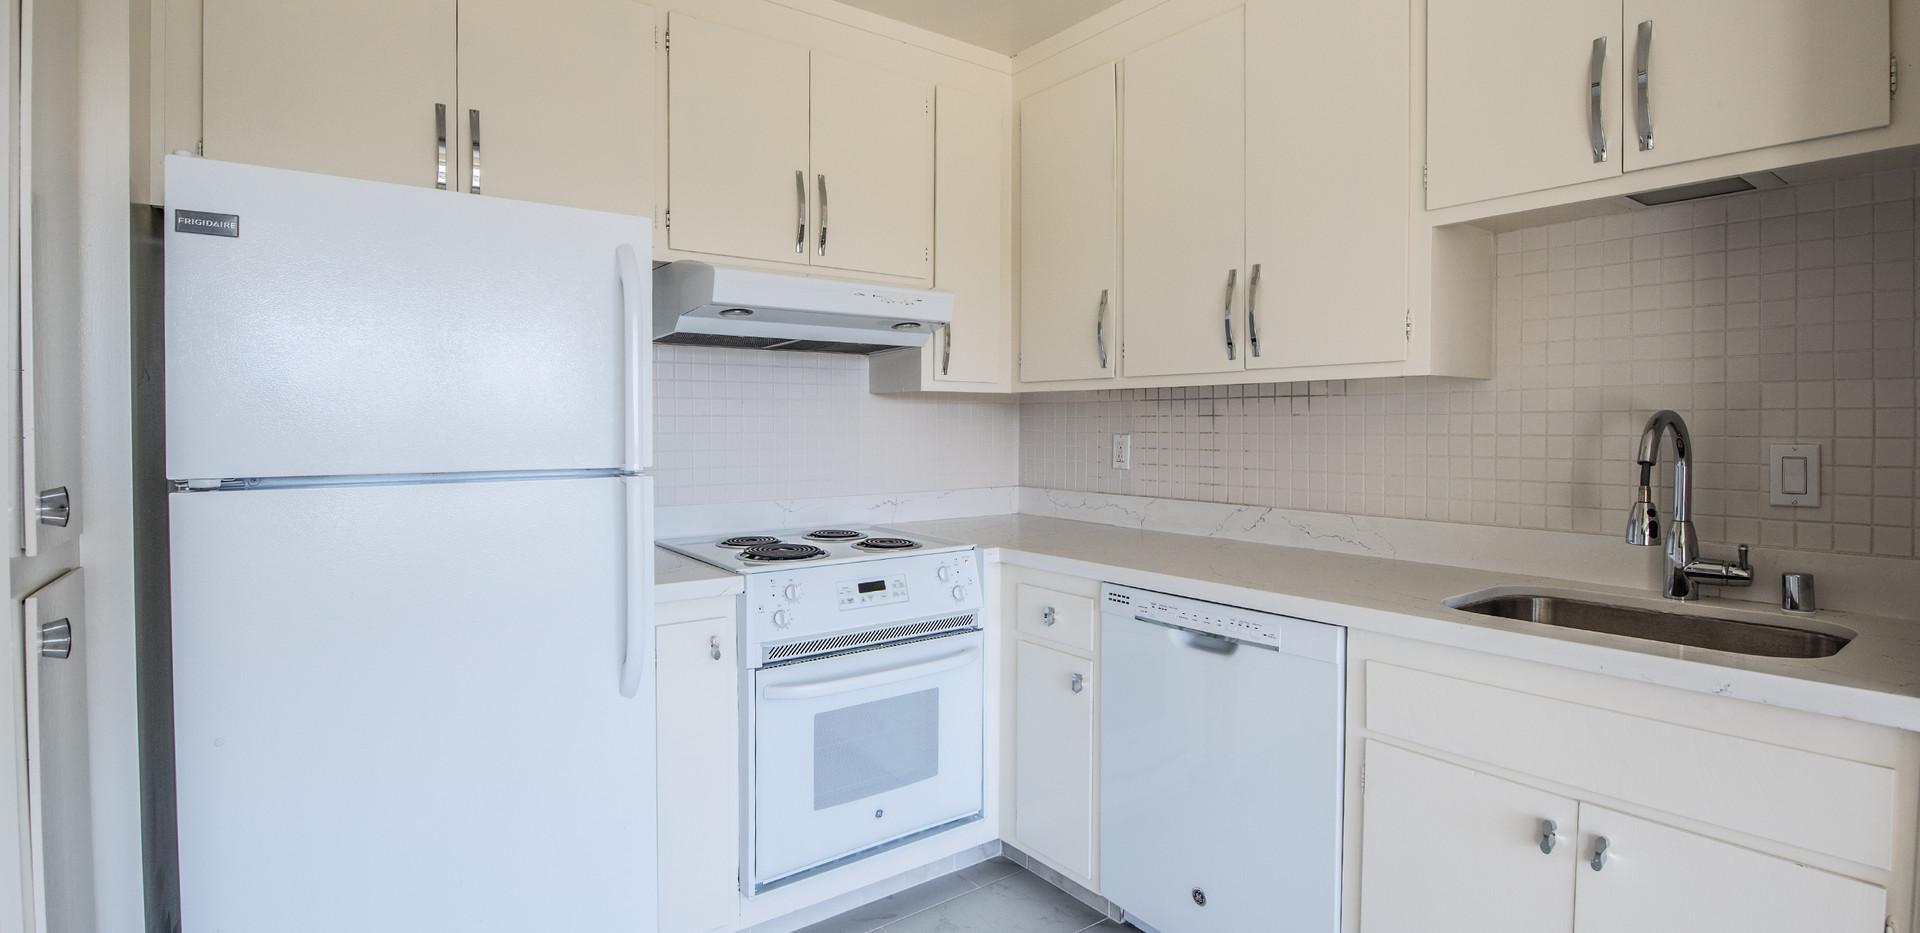 21 Marinero 305 Kitchen 2.jpg